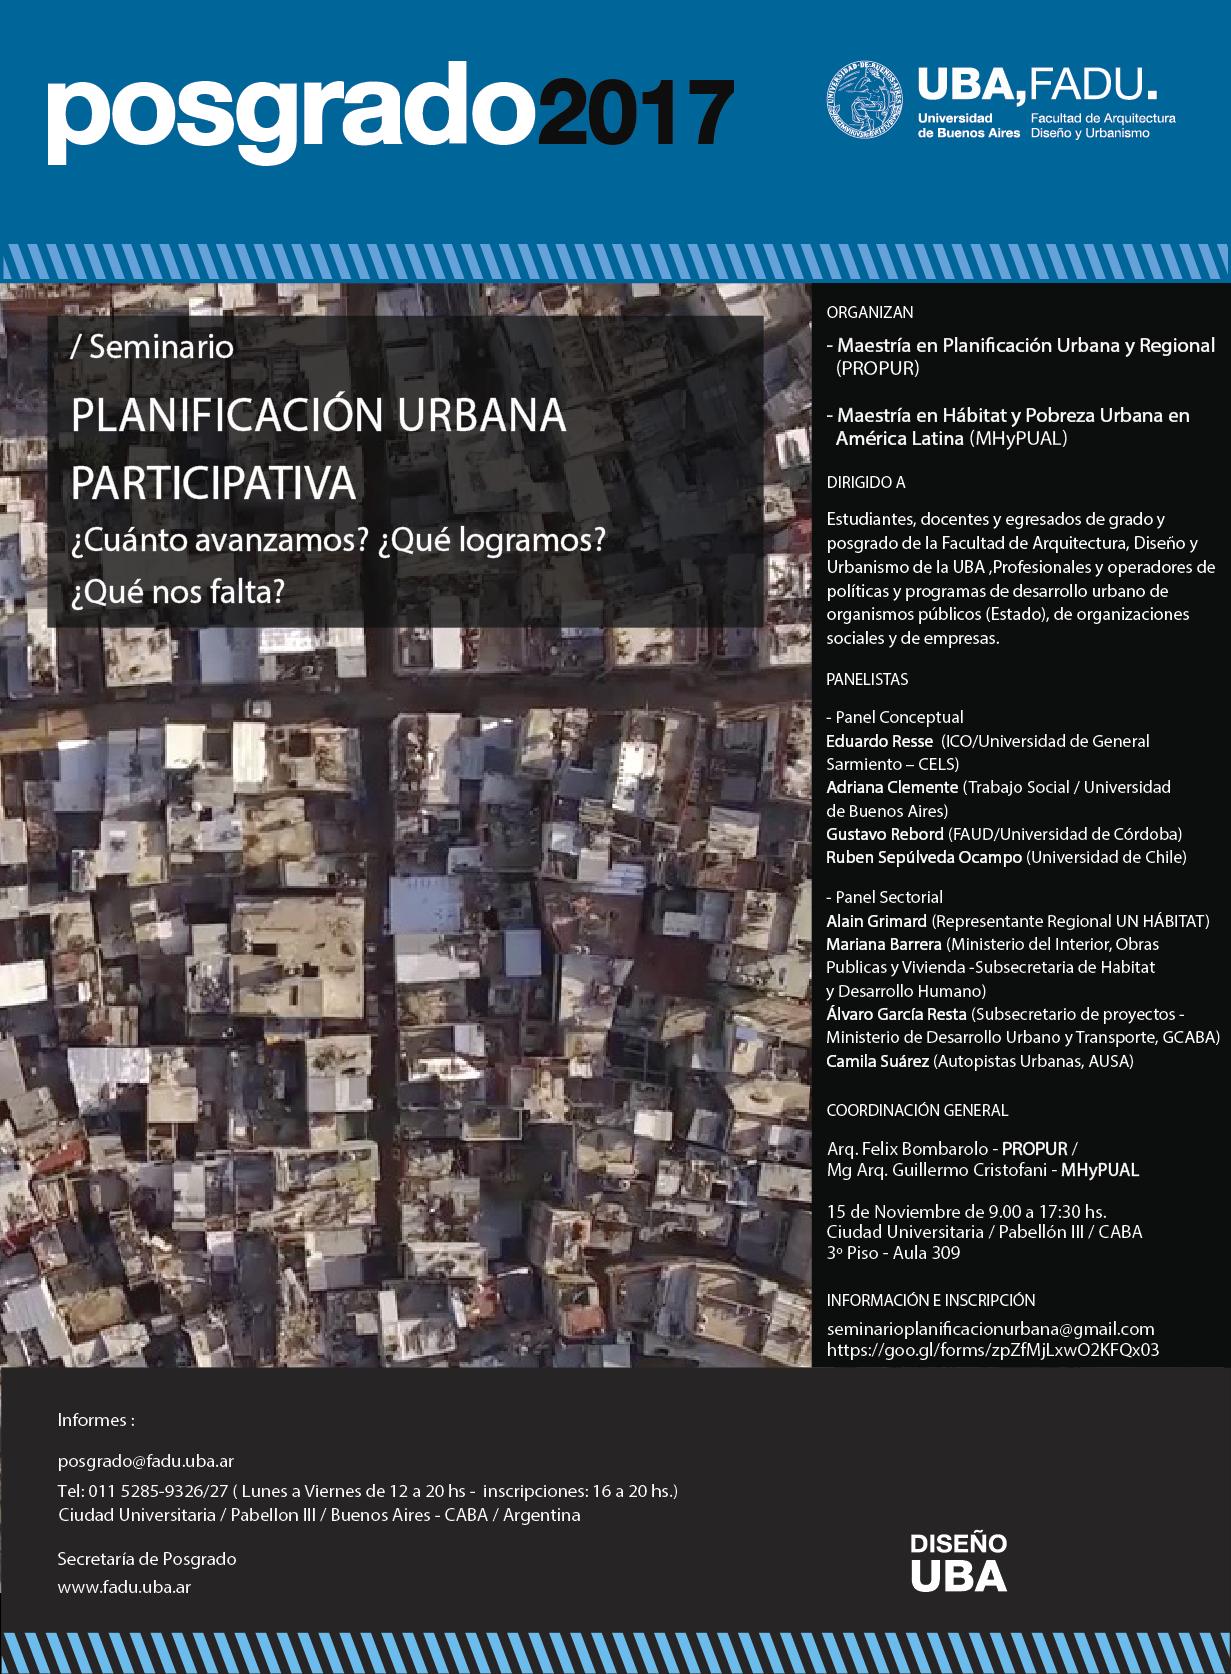 Planificación urbana participativa